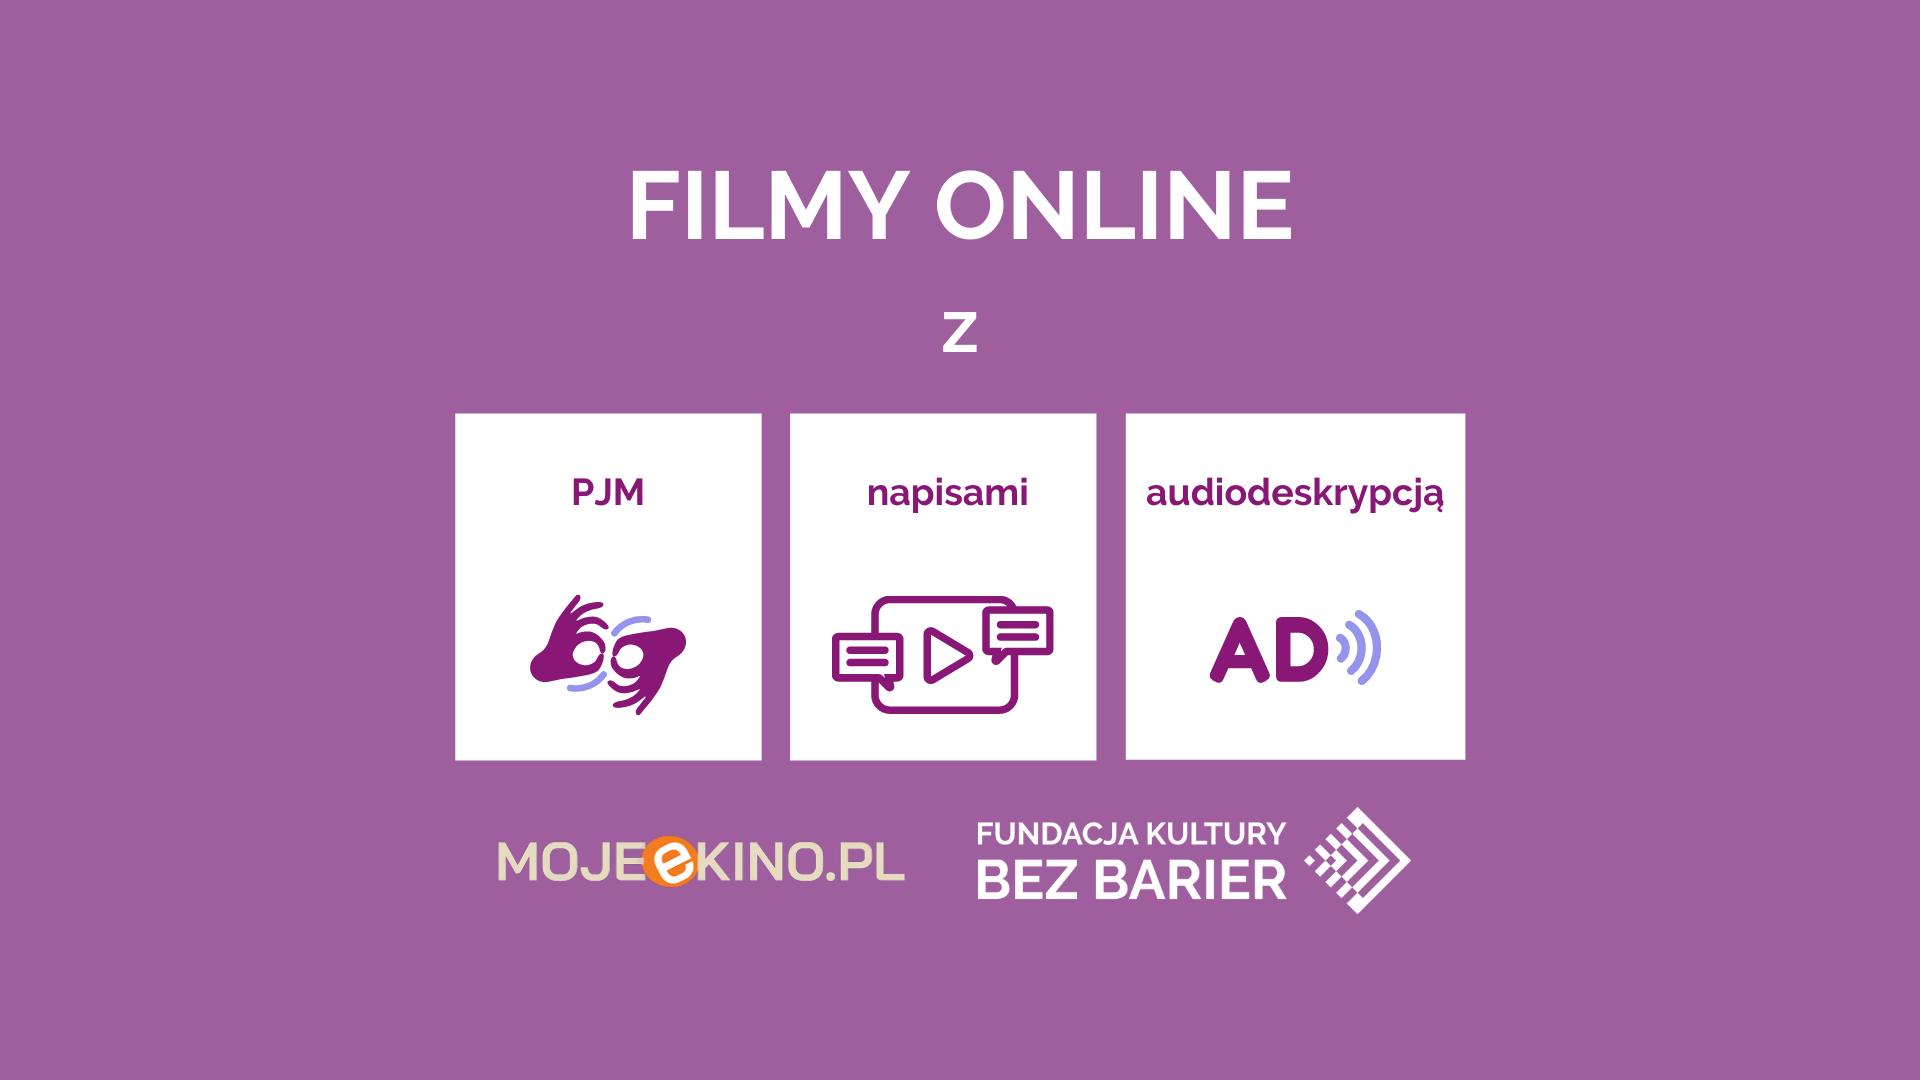 Grafika. Tekst: filmy online z PJM, napisami, audiodeskrypcją. Logotyp Fundacja Kultury bez Barier i mojeekino.pl